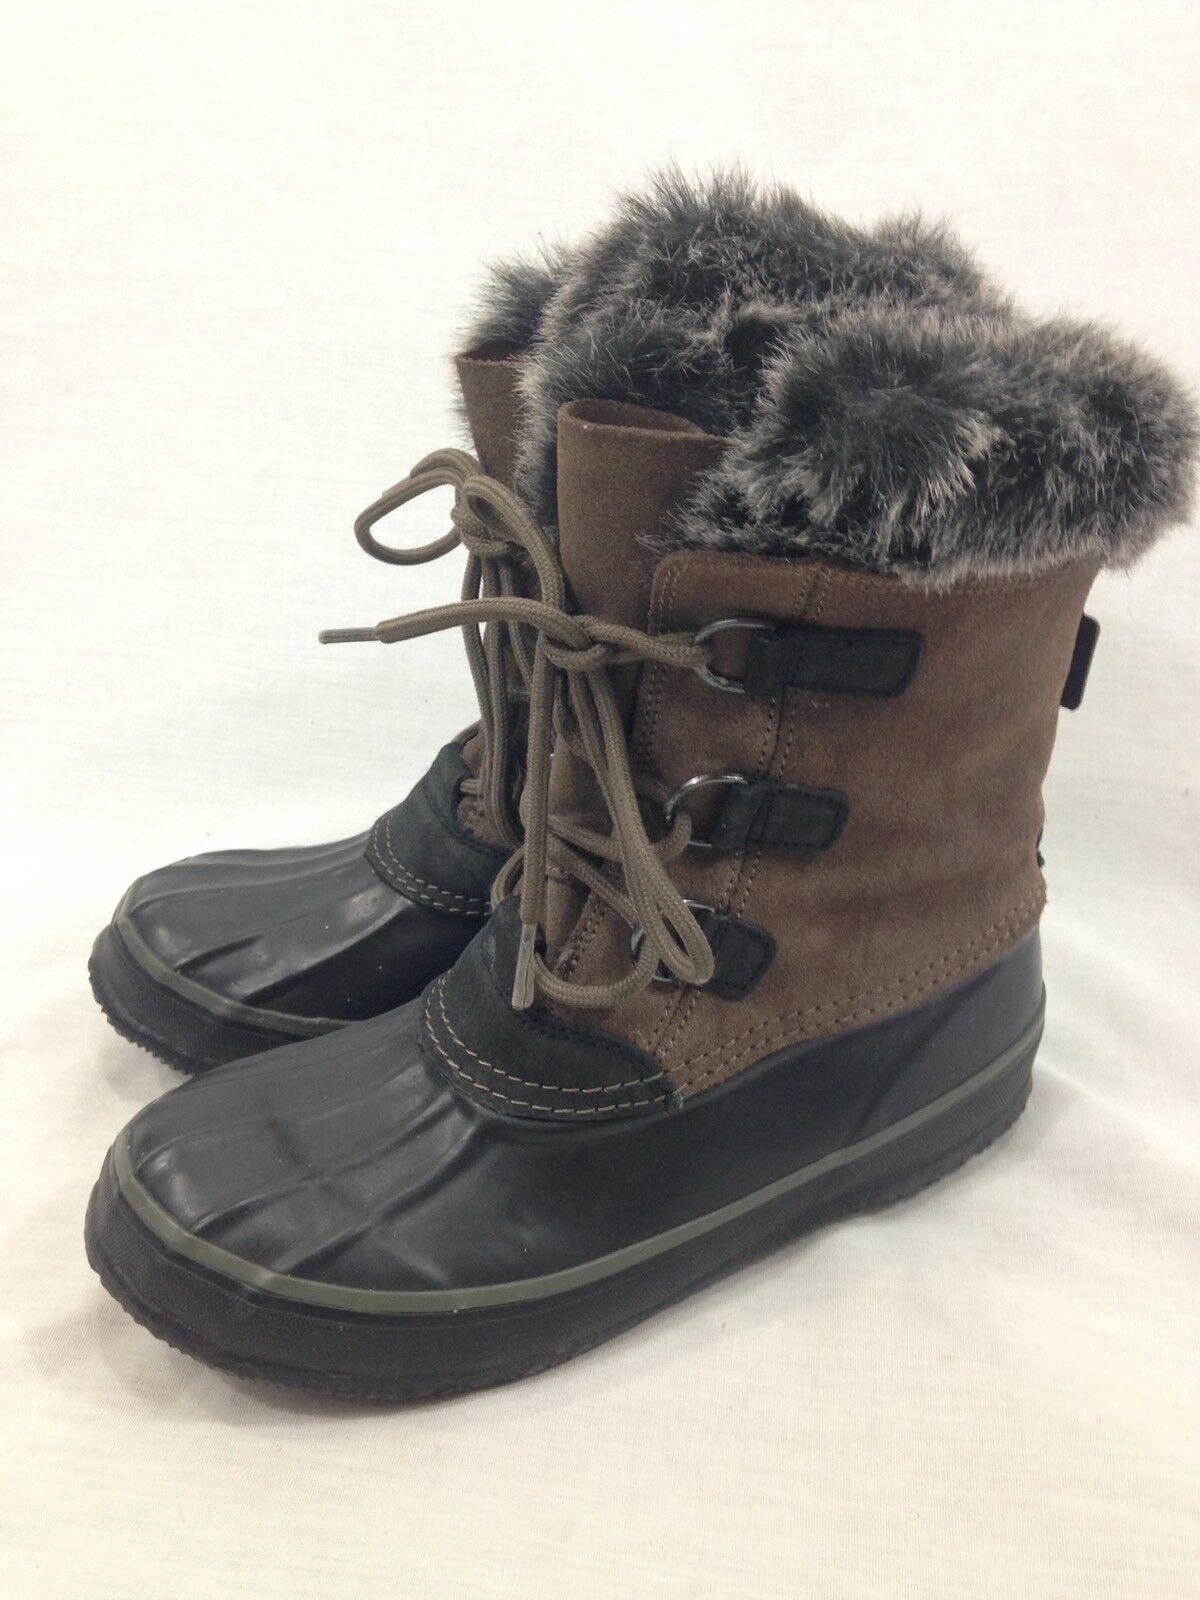 Kamik Temptress PAC Stiefel damen 6 Faux Fur Liners Lace Up Snow Winter Warm